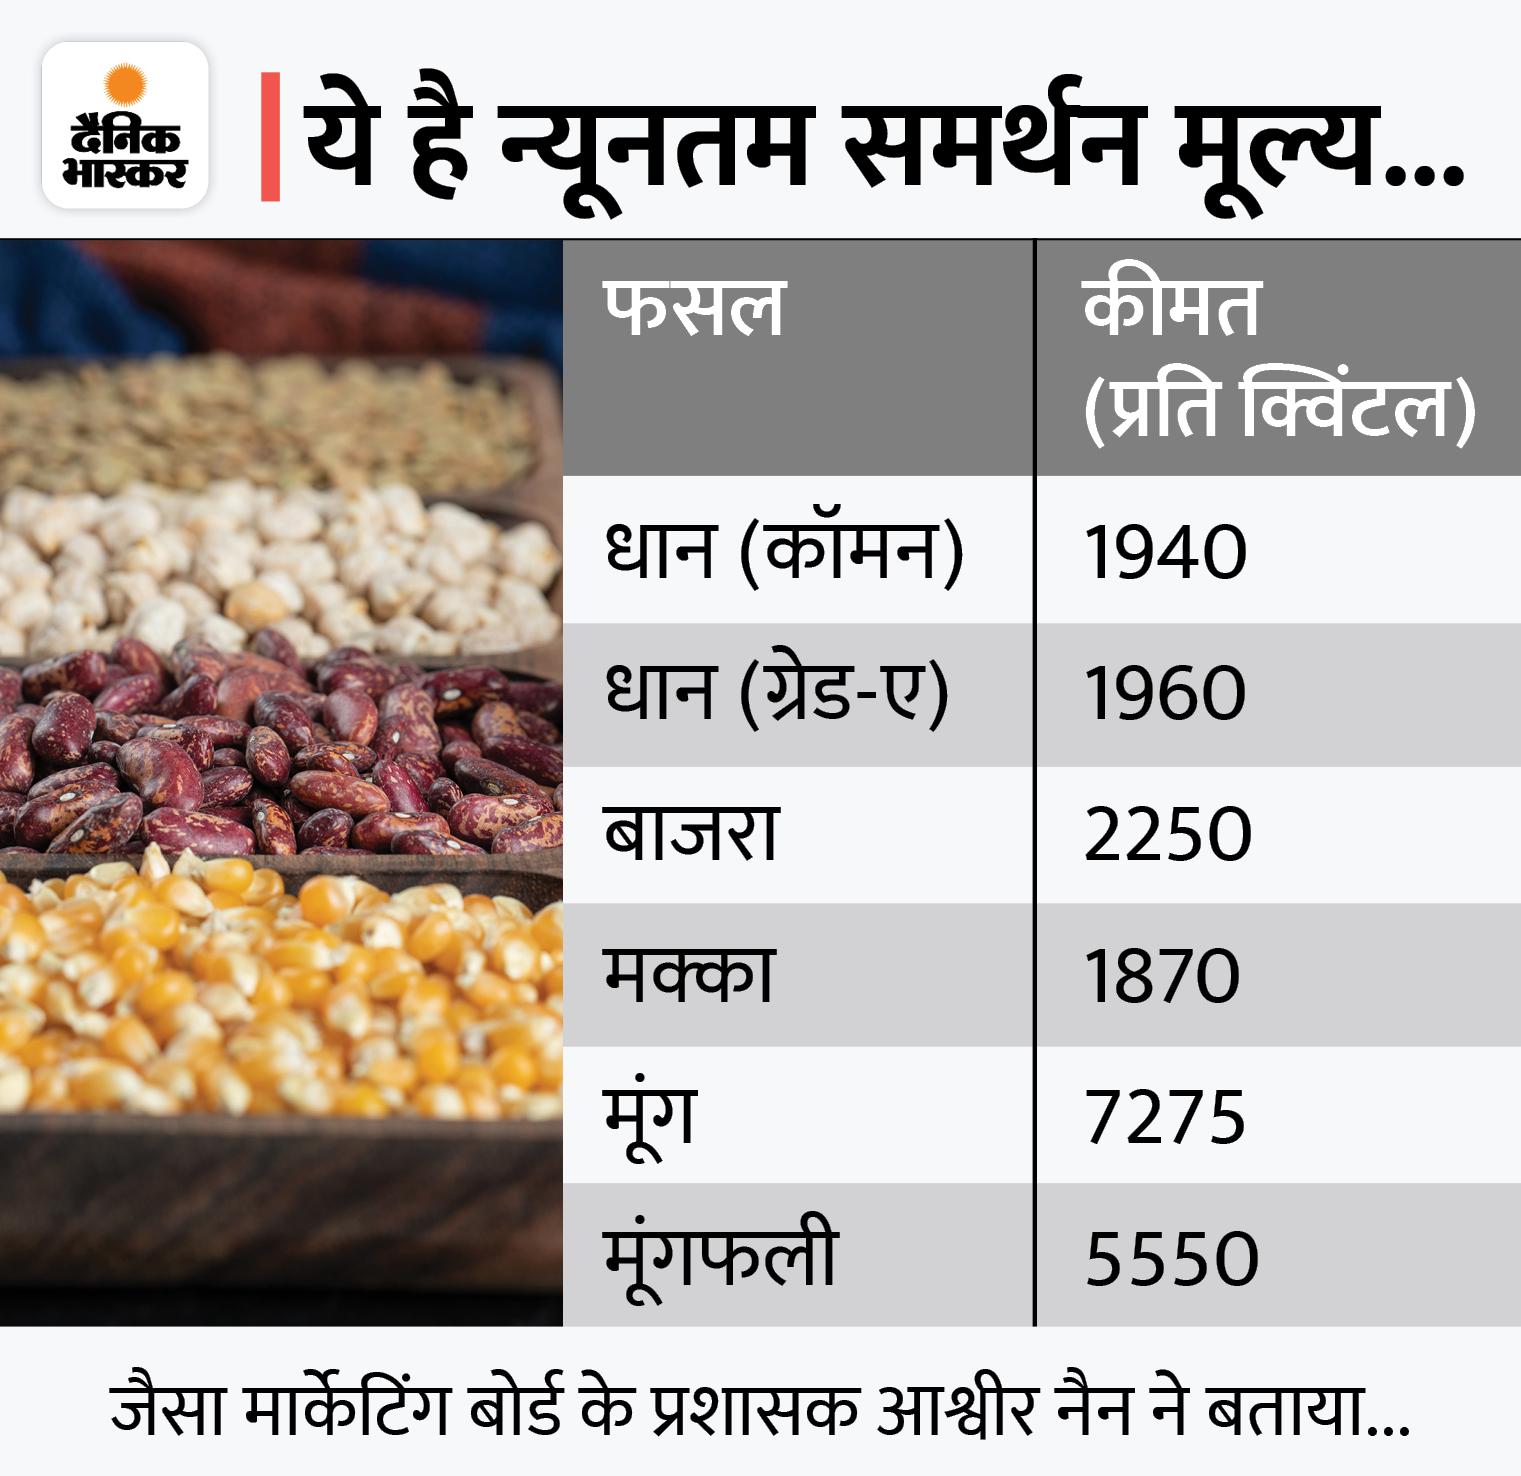 अब 30.80 क्विंटल प्रति एकड़ धान खरीदा जाएगा; विधायक-सांसदों का घेराव करने से पहले पूरी कर दी मांग|करनाल,Karnal - Dainik Bhaskar